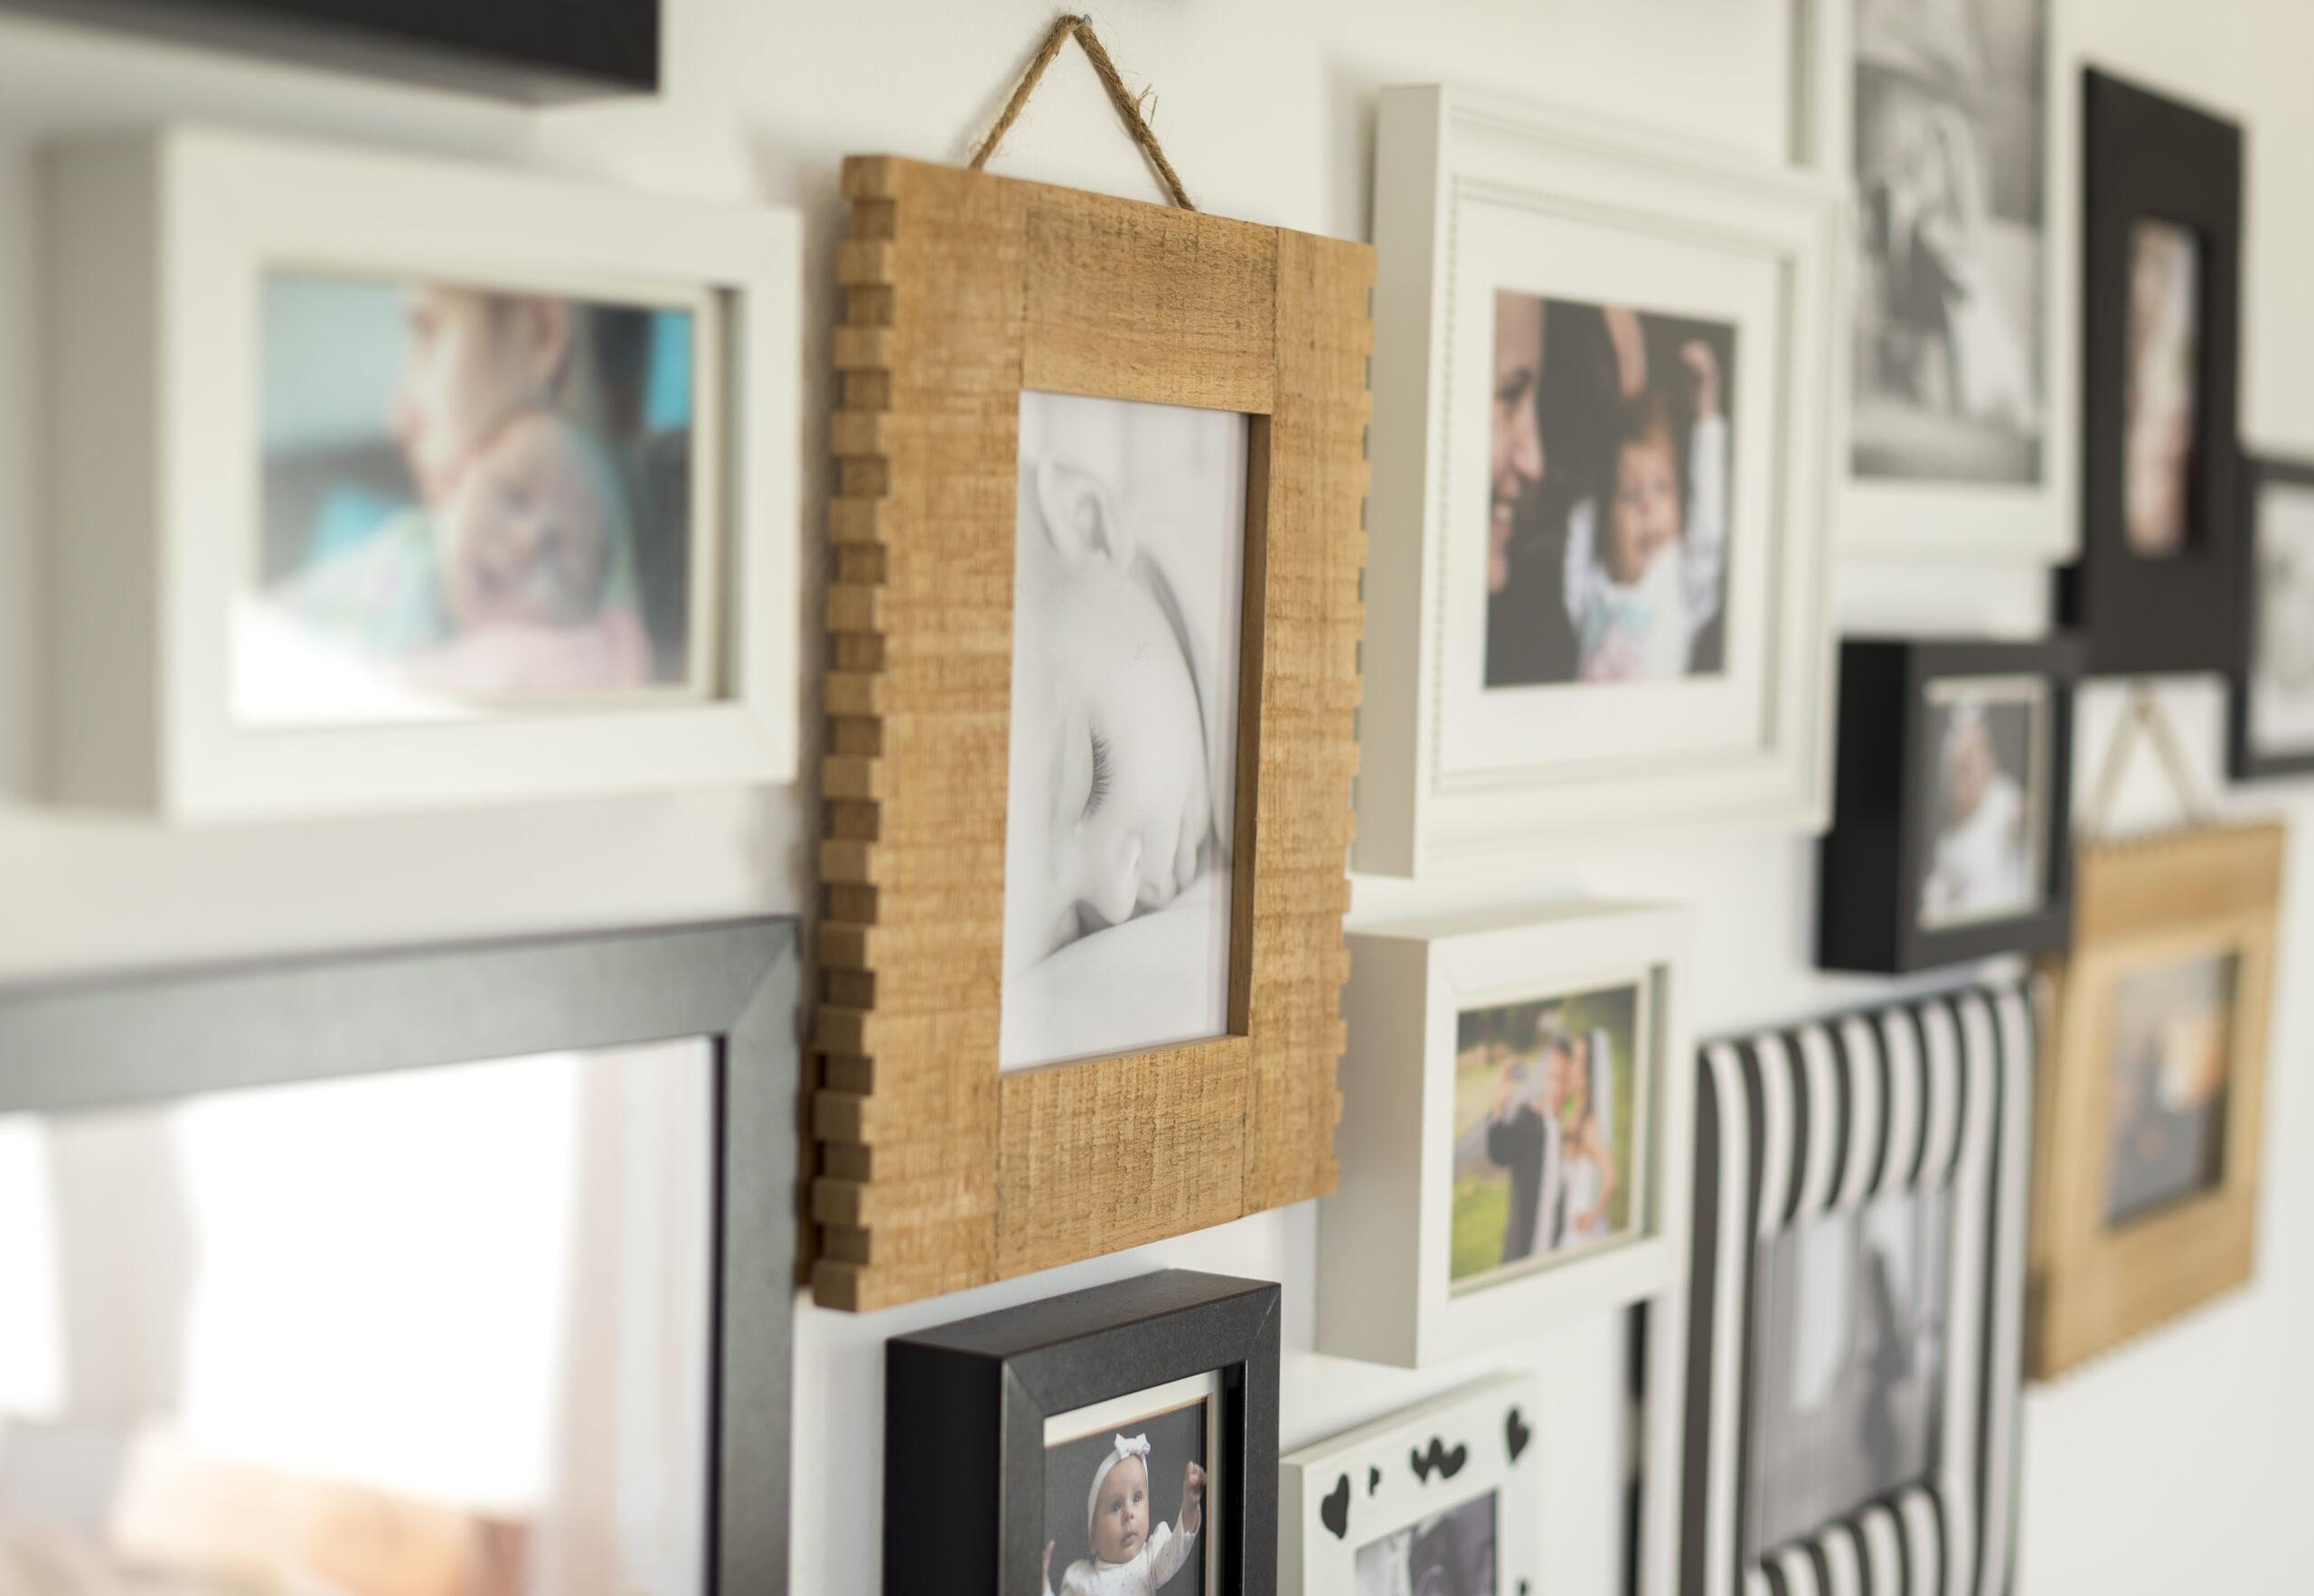 Comment fabriquer facilement un cadre photo de base ?